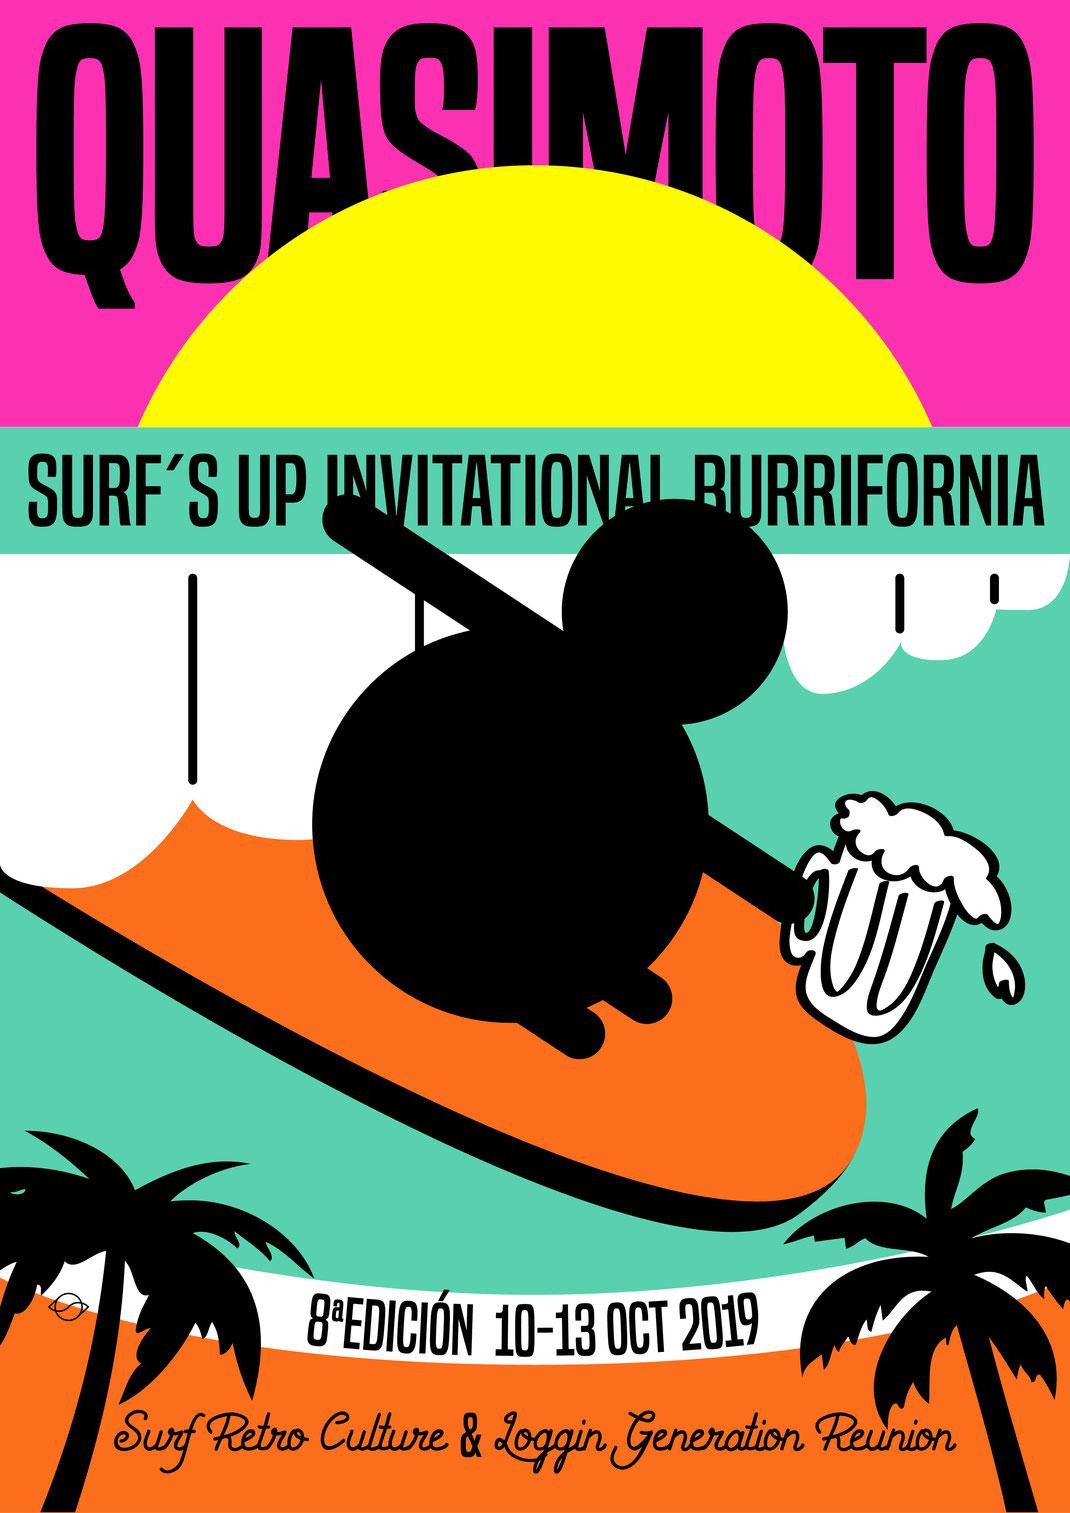 CARTEL 8º QUASIMOTO SURF´S UP INVITATIONAL BURRIFORNIA por CAROL OHCEAN @ohcarolan